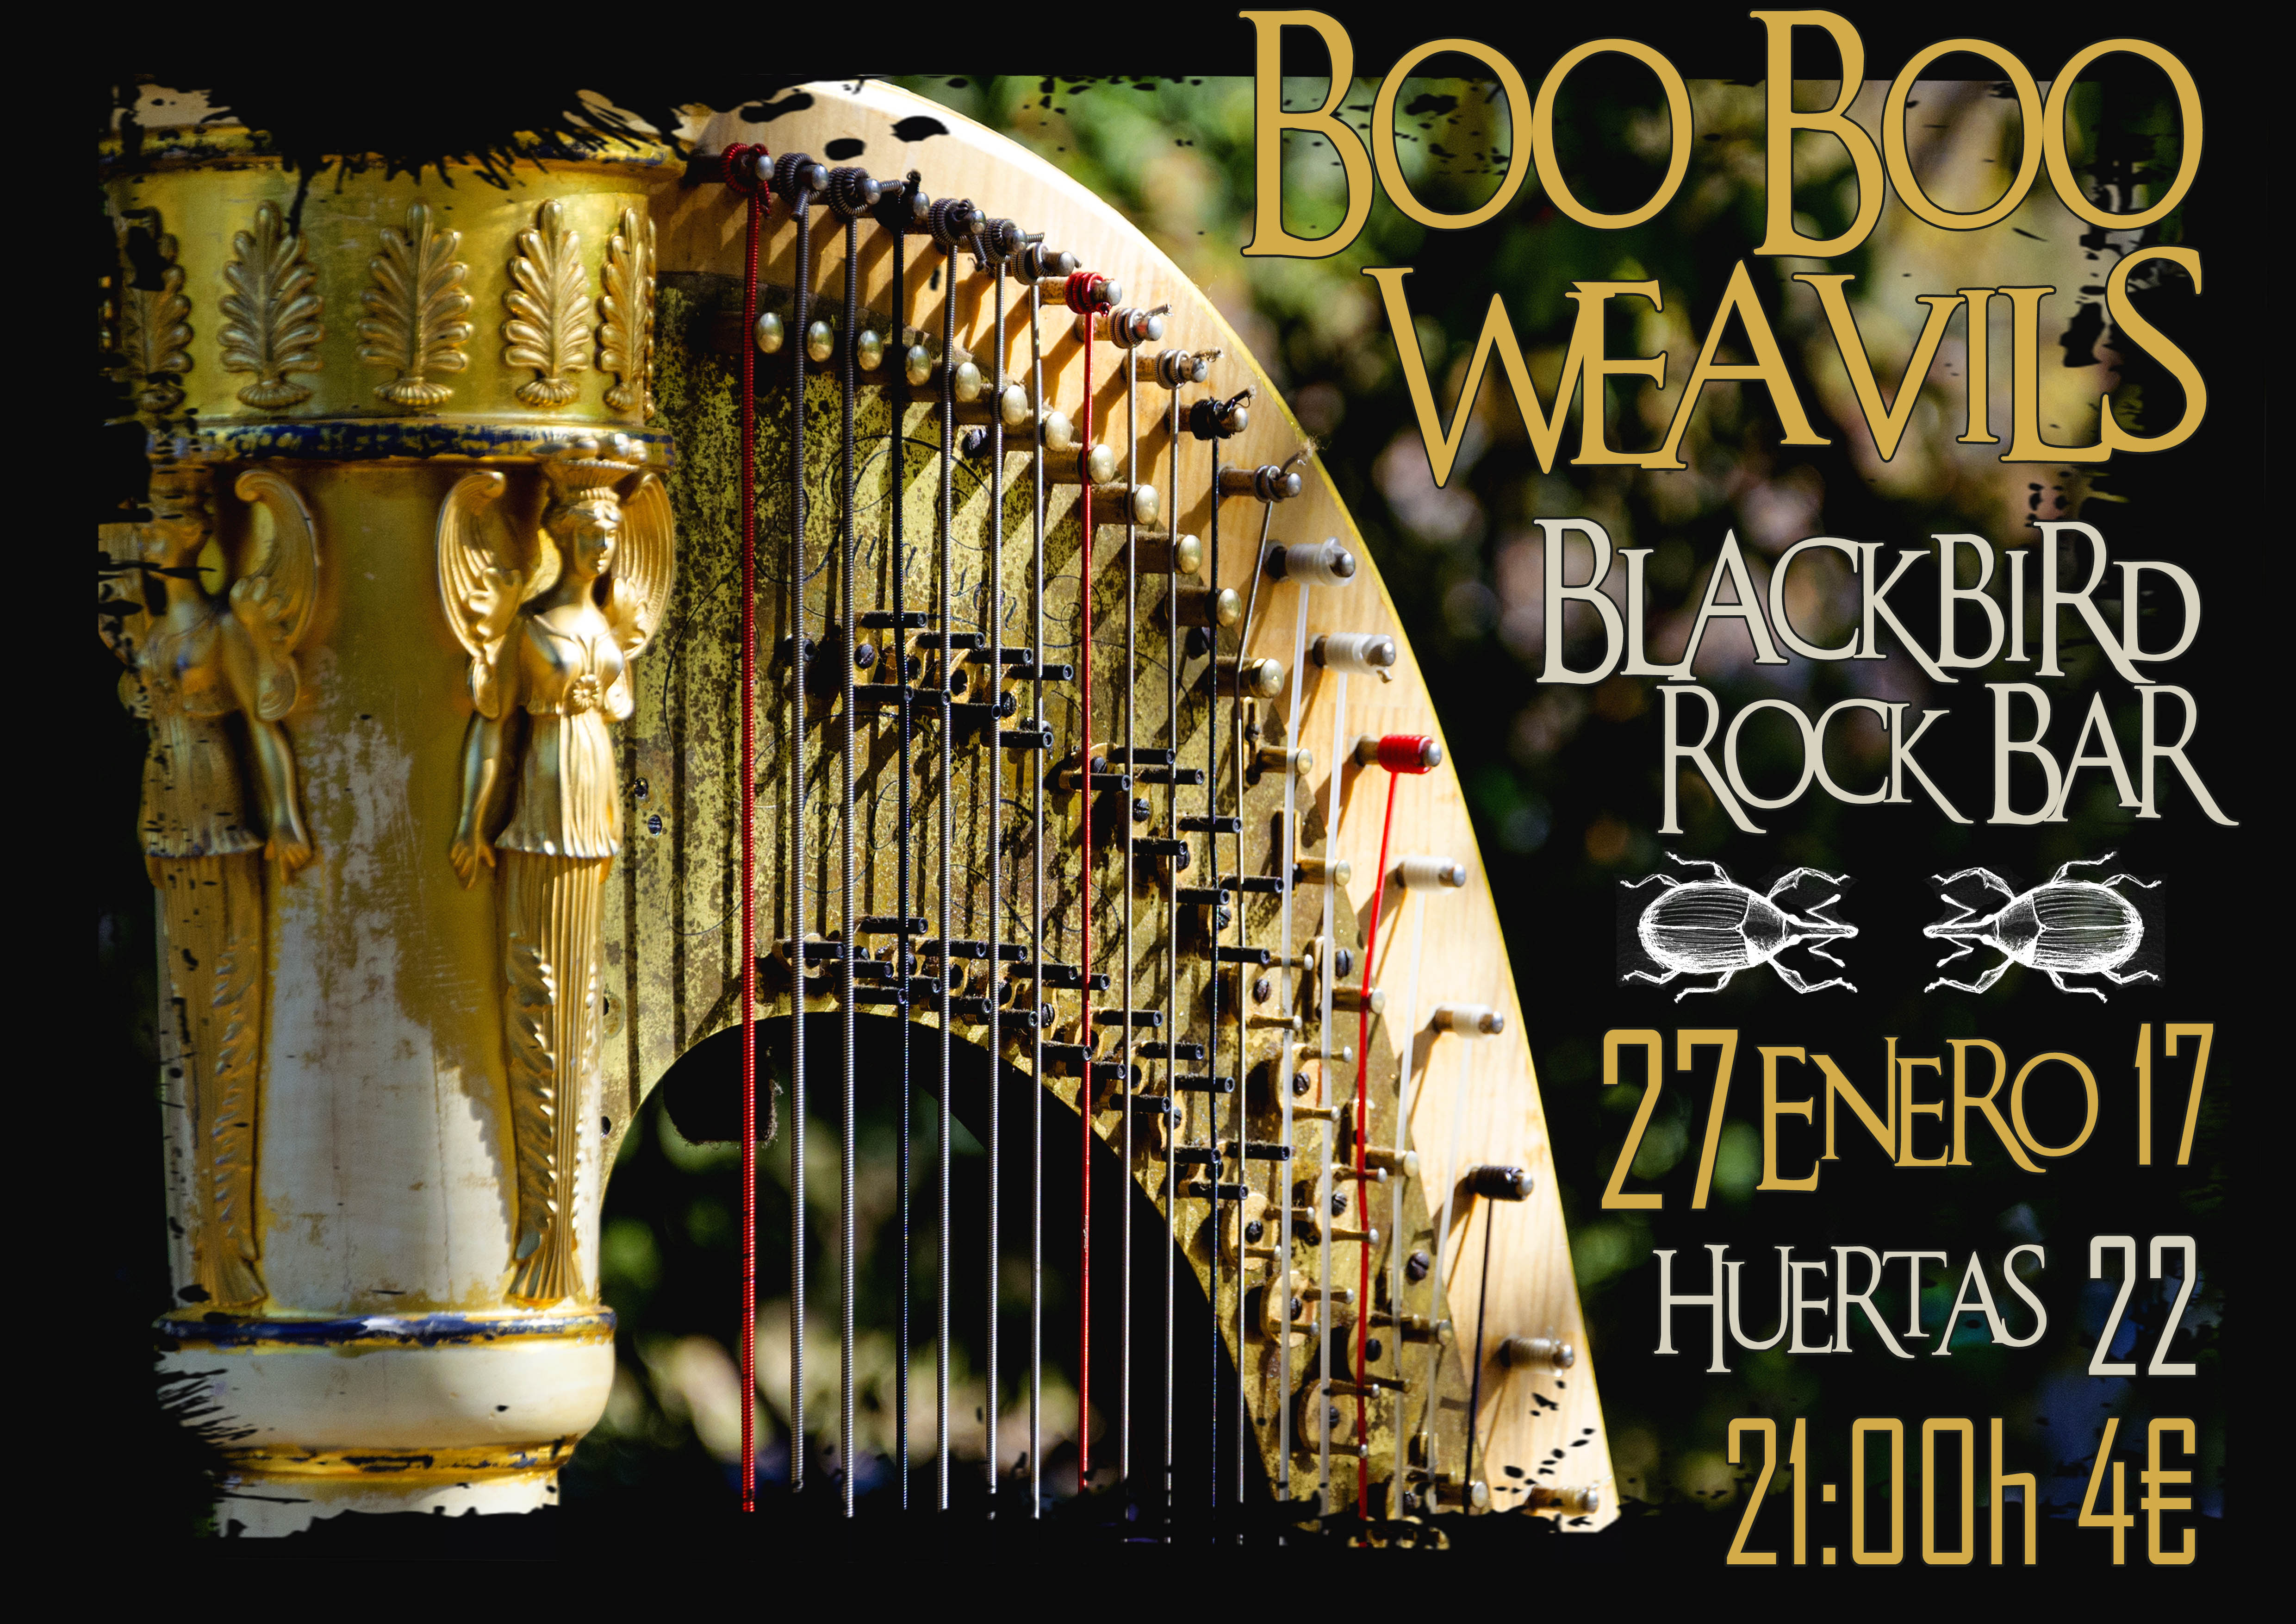 Blackbird Rock Bar